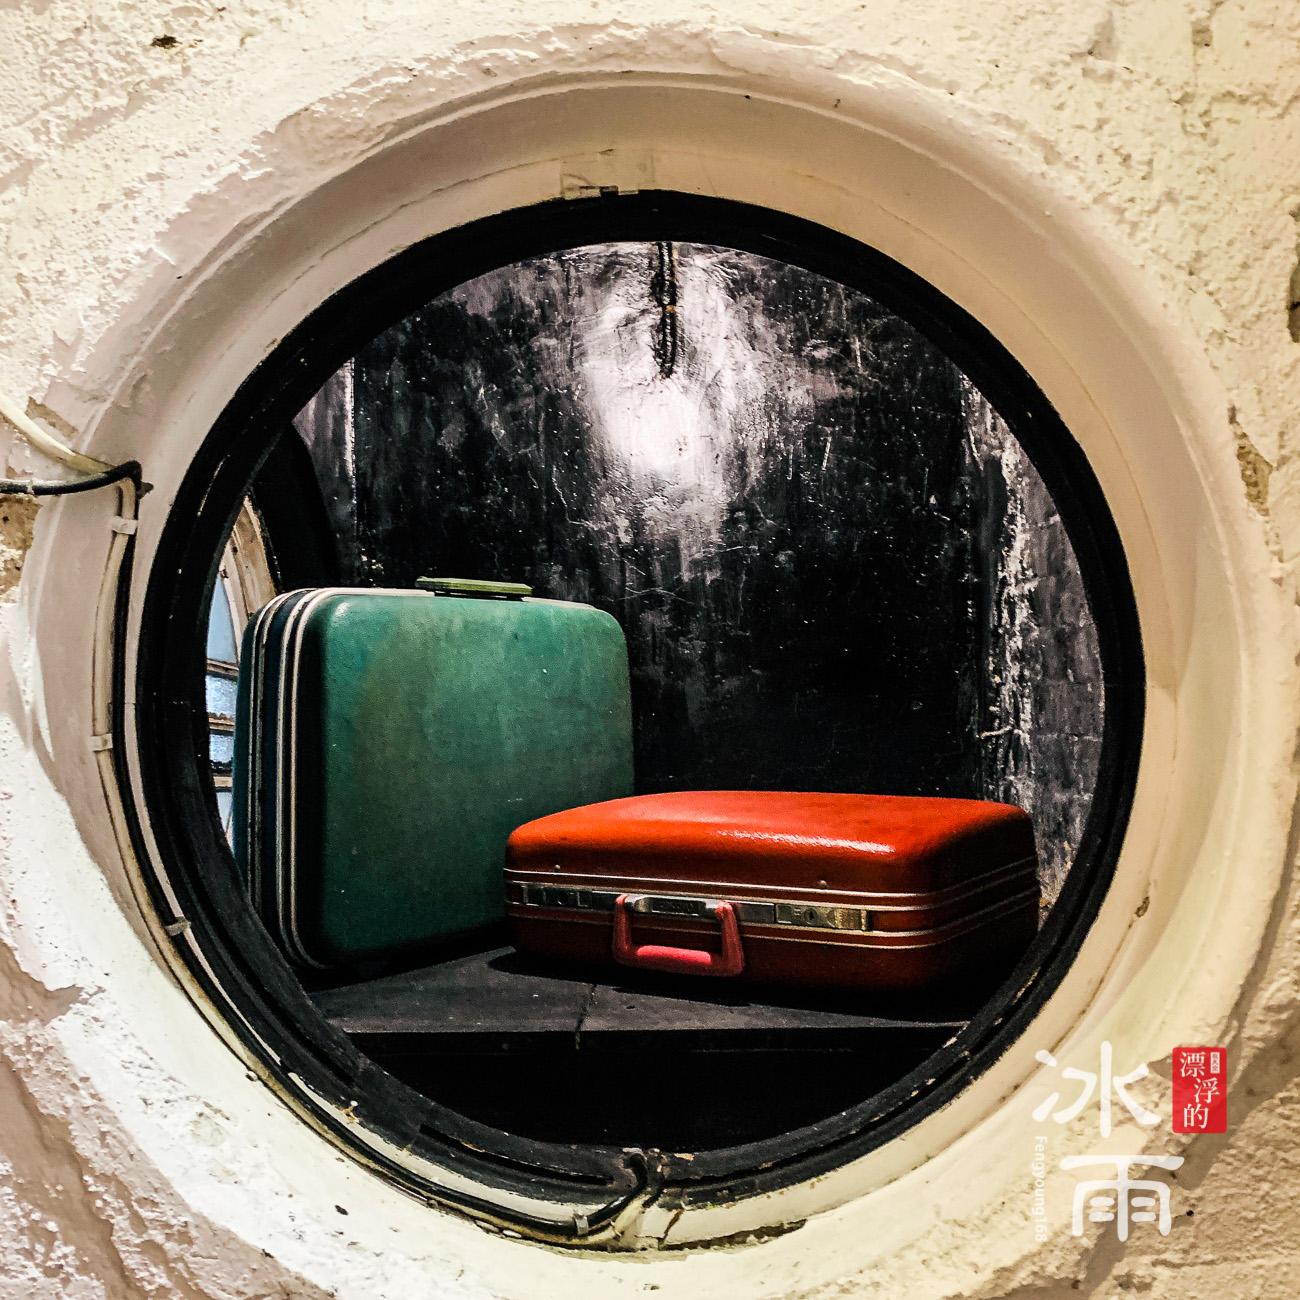 像是郵輪內的窗戶,超級圓